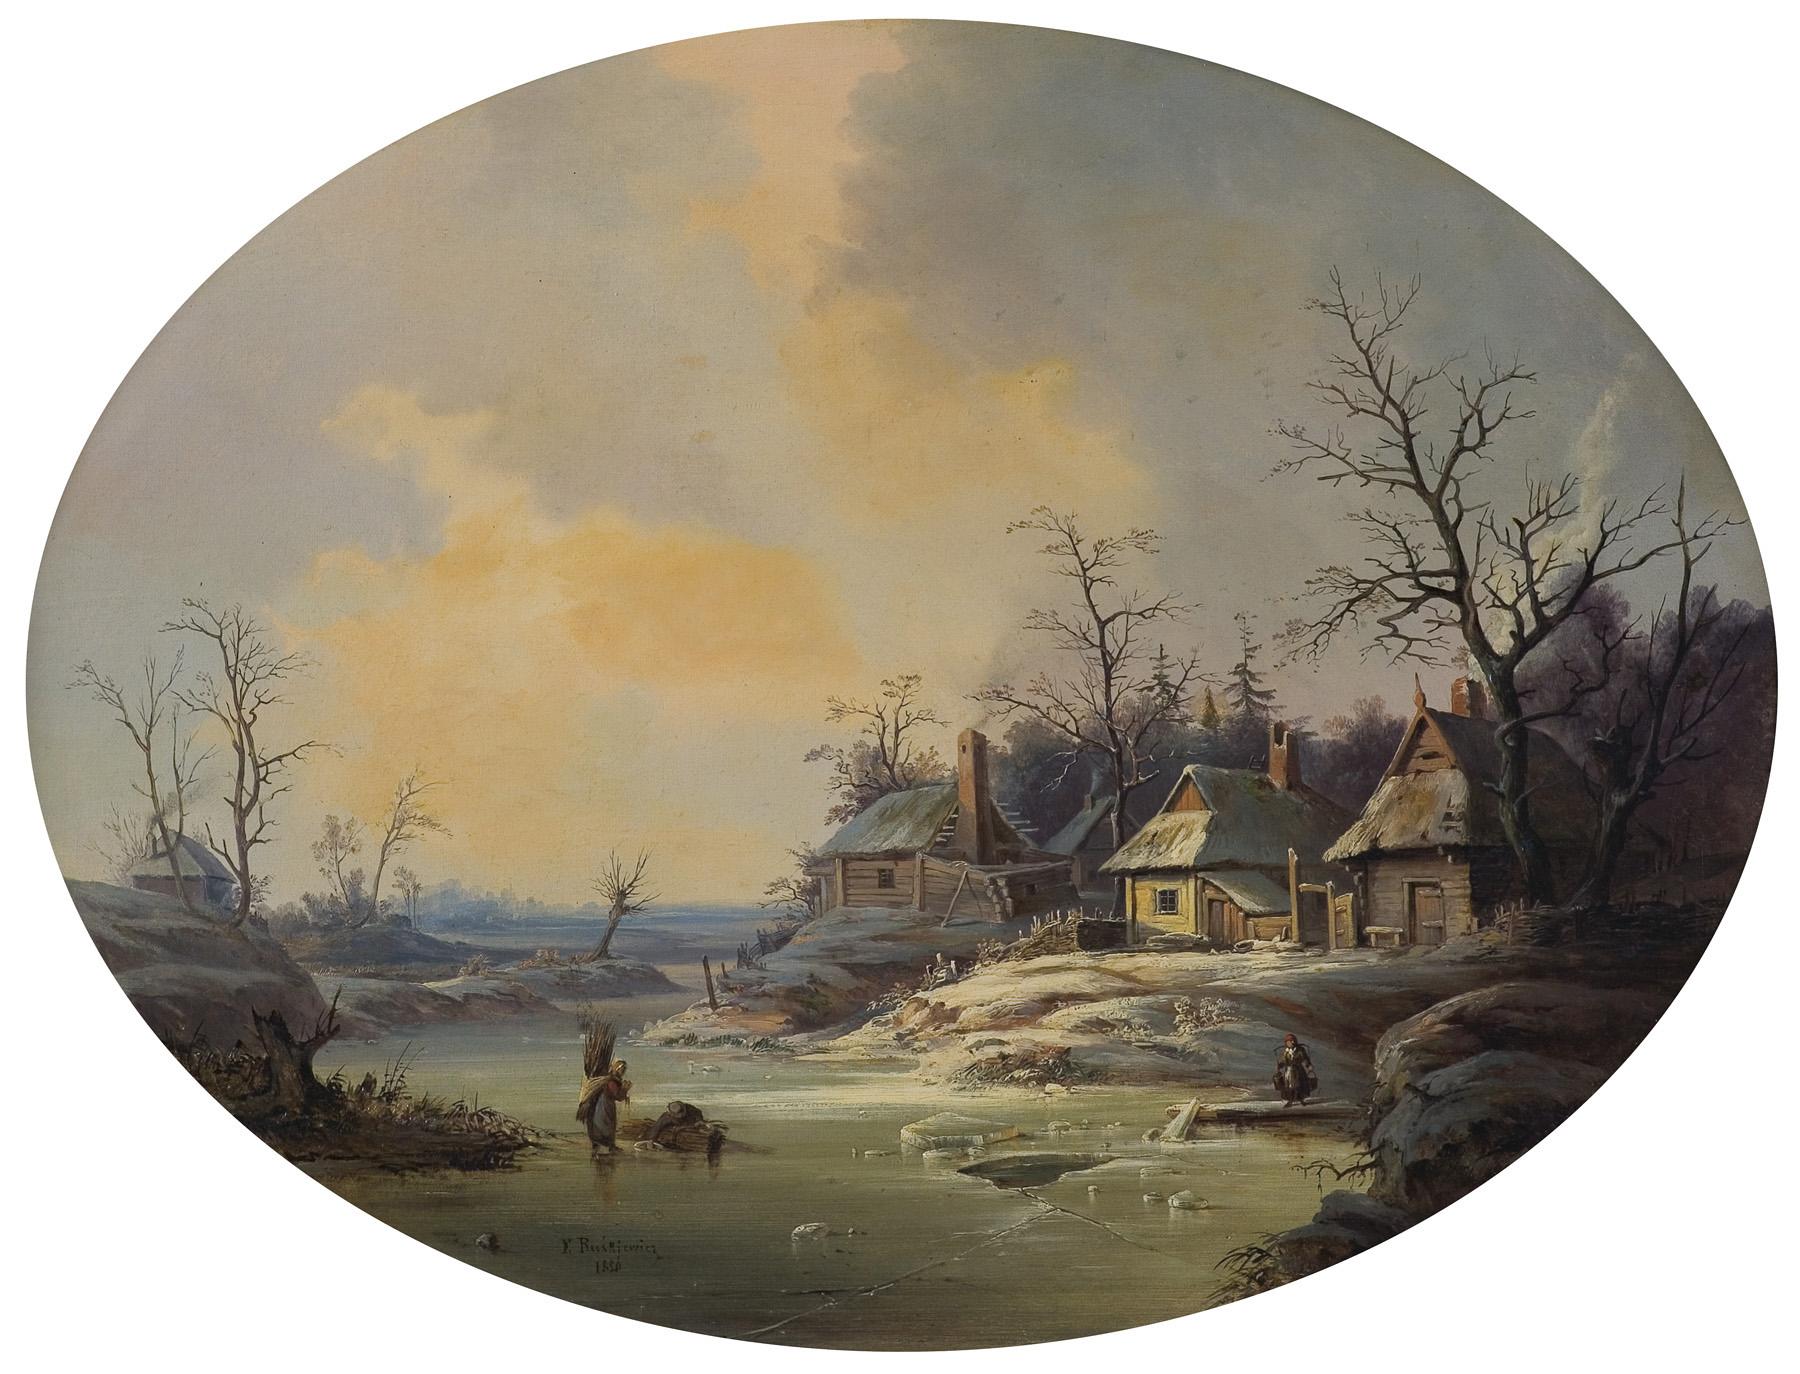 KRAJOBRAZ ZIMOWY, 1856